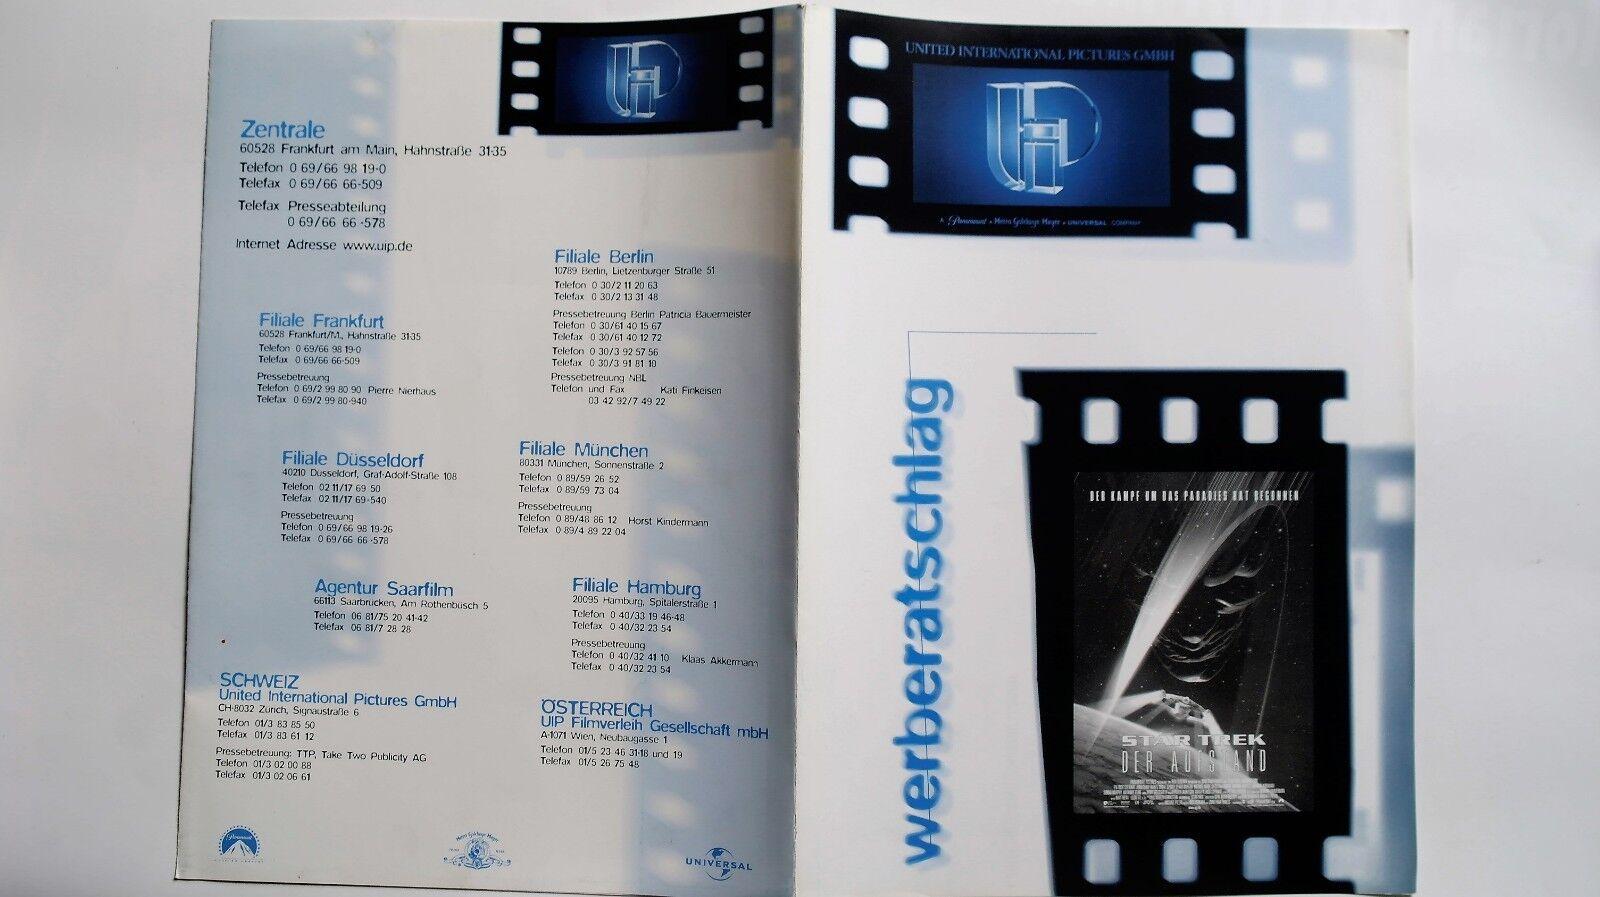 N14 Werberatschlag - STAR TREK Der Aufstand